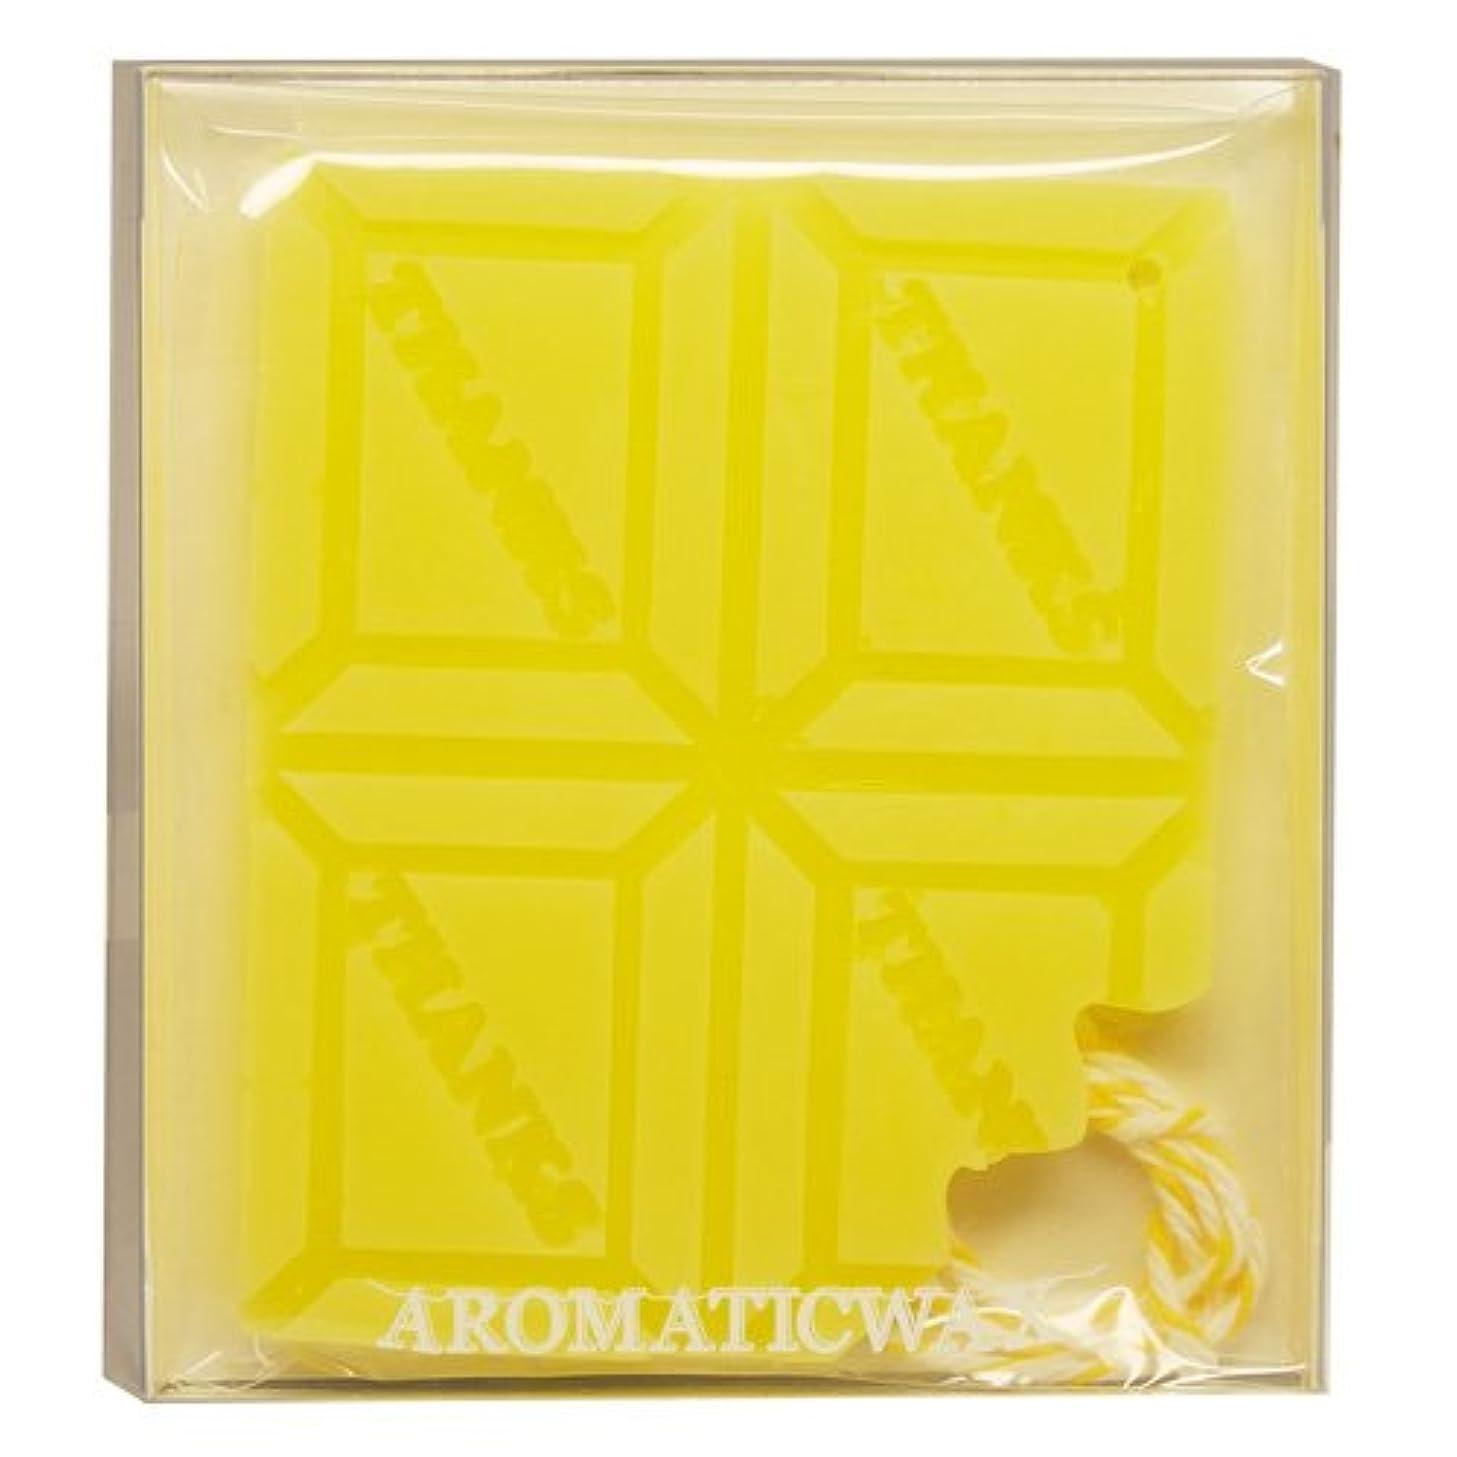 少し知り合いになるスペクトラムGRASSE TOKYO AROMATICWAXチャーム「板チョコ(THANKS)」(YE) ベルガモット アロマティックワックス グラーストウキョウ